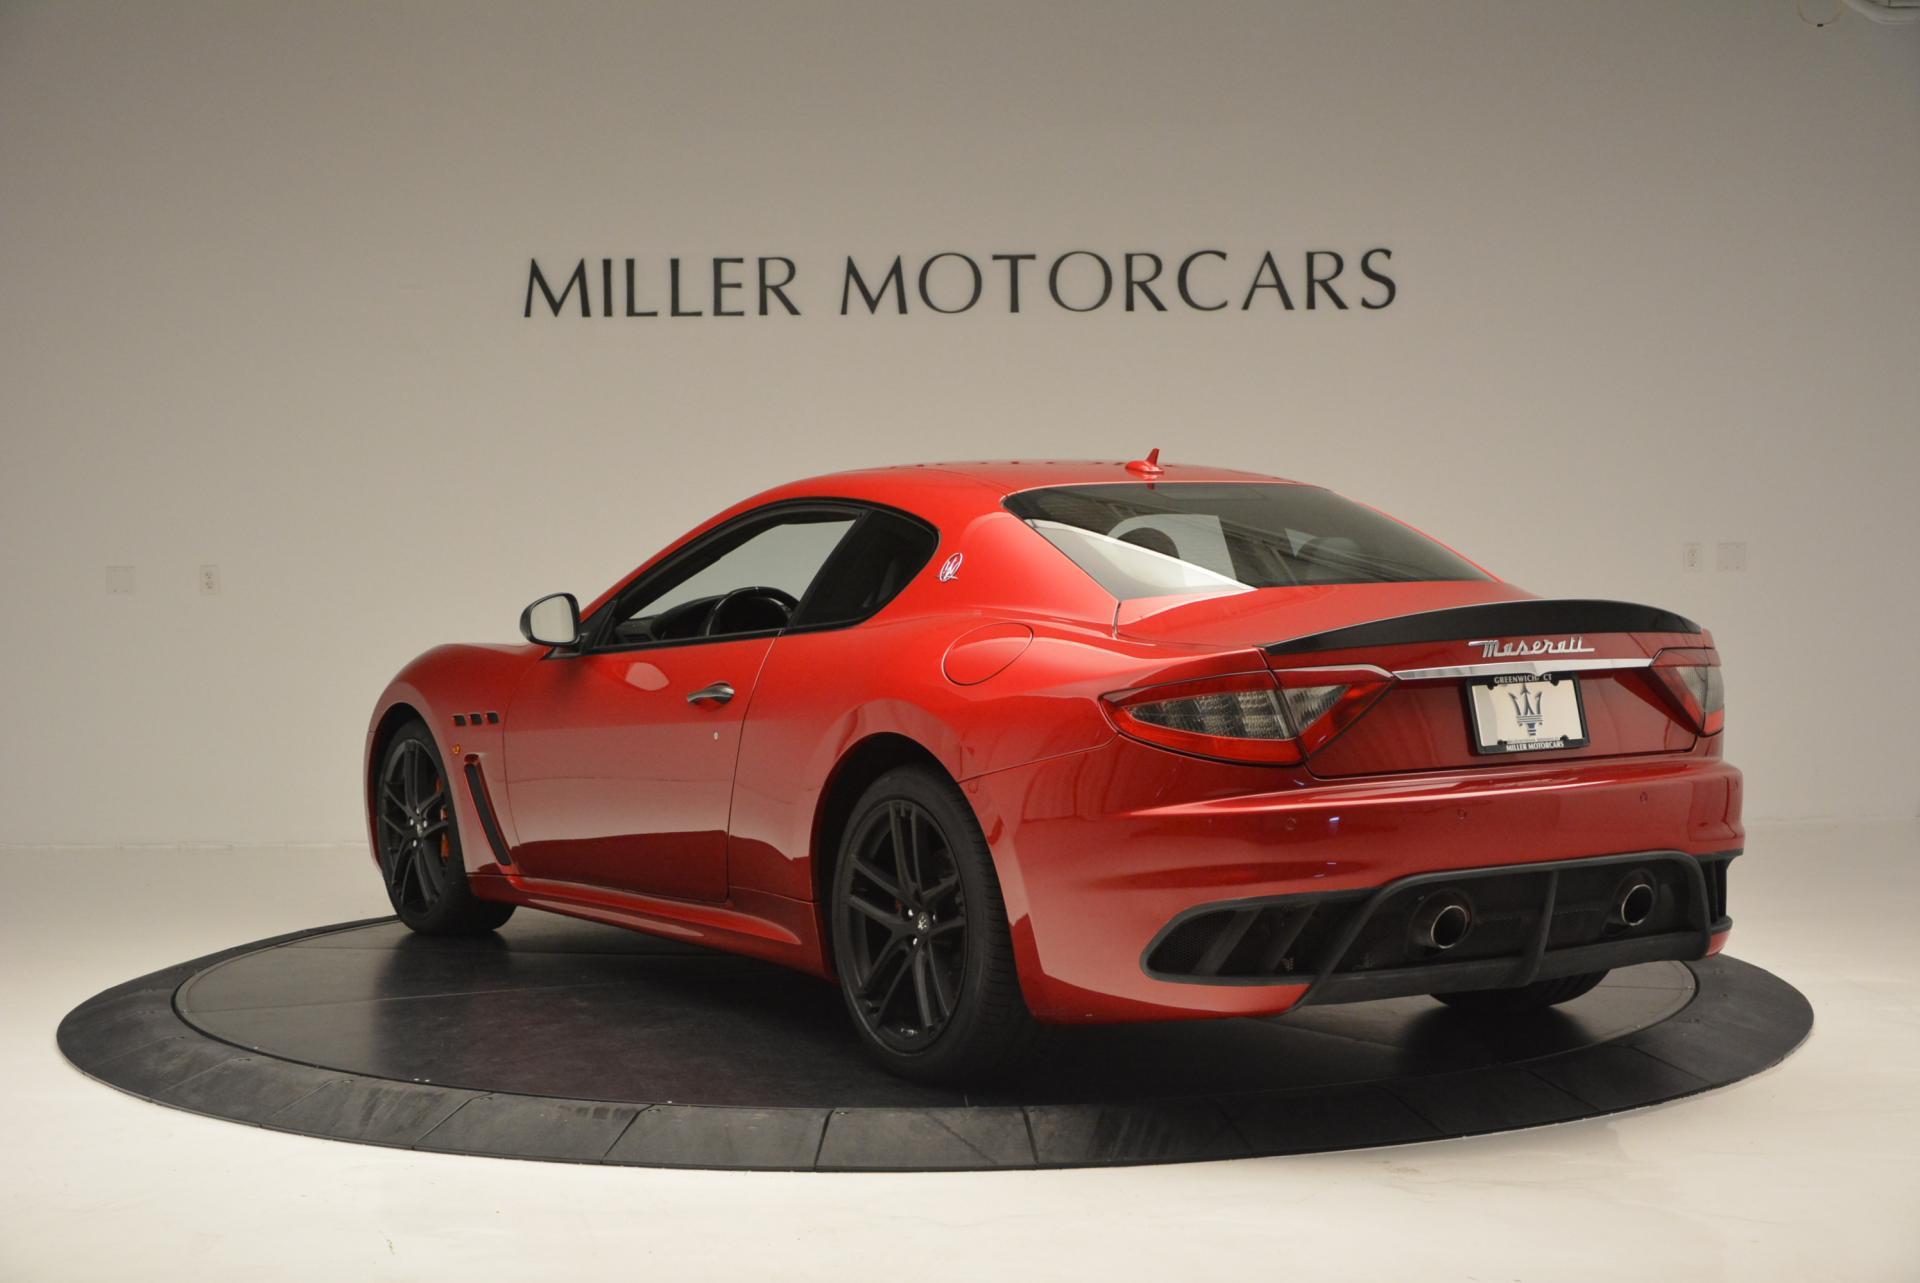 Used 2014 Maserati GranTurismo MC For Sale In Greenwich, CT 525_p5